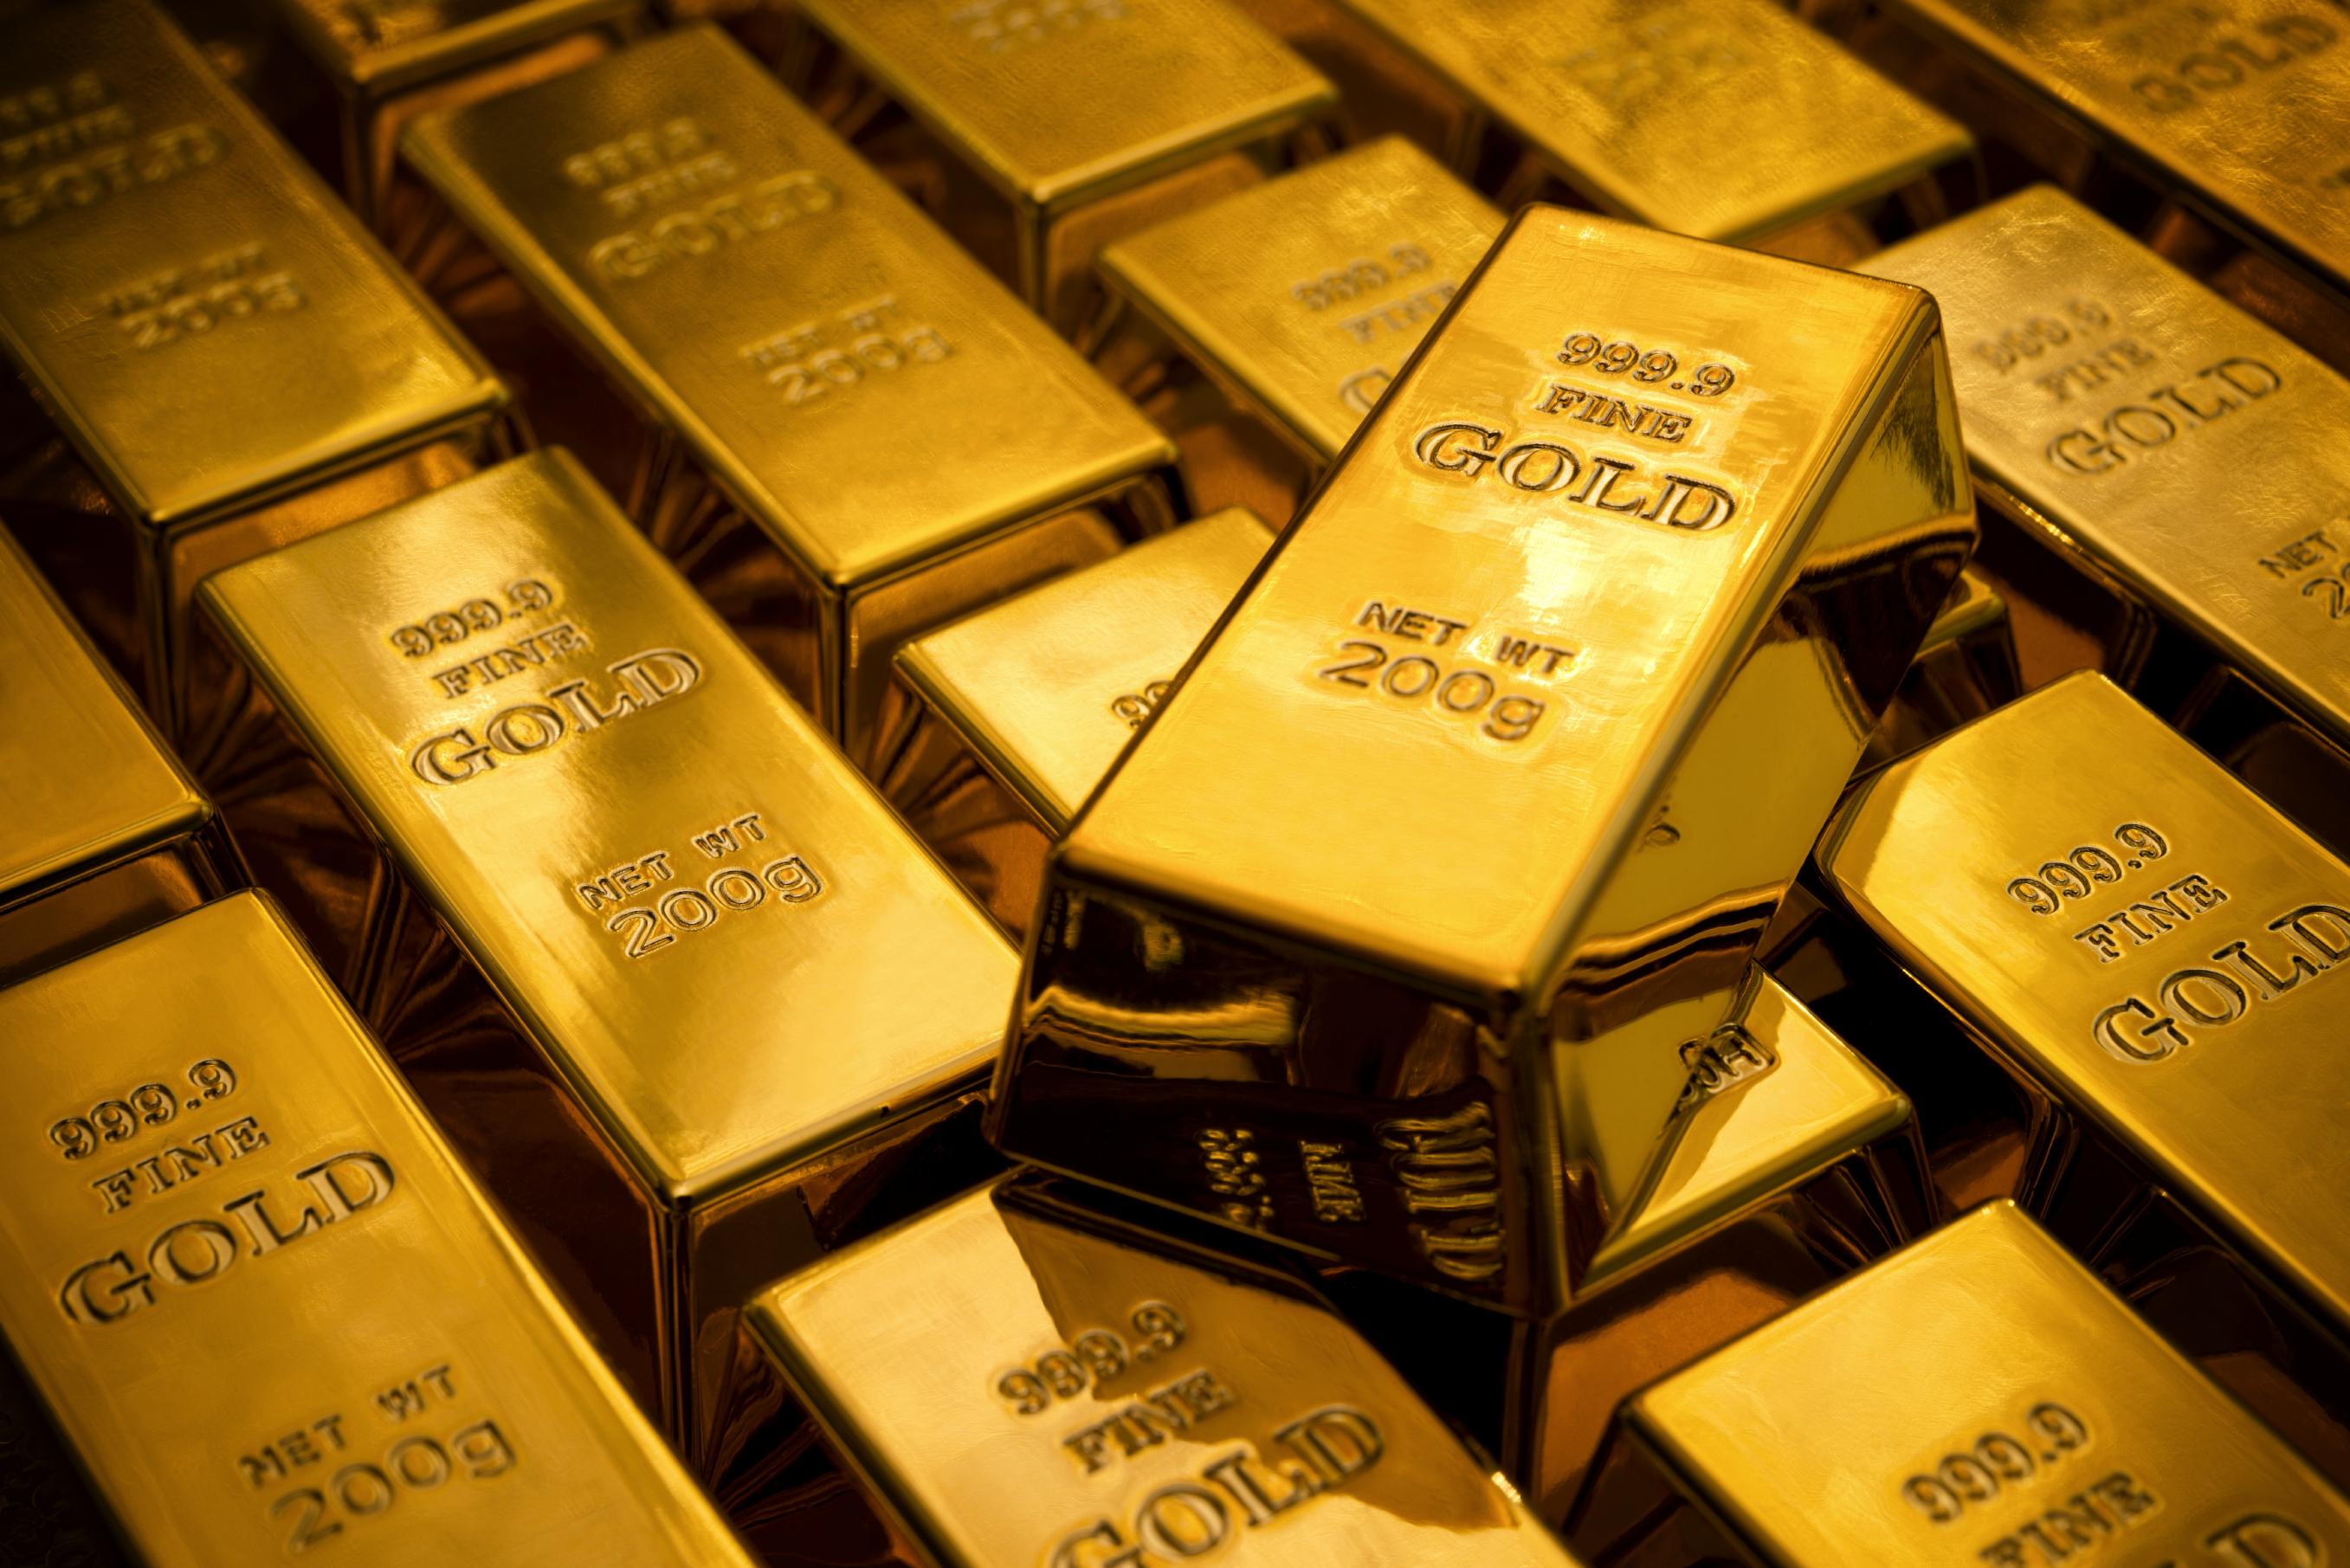 giá vàng hôm nay ngày 16/3/2015 tiếp tục tăng nhẹ sau đợt giảm liên tiếp 9 ngày trước đó